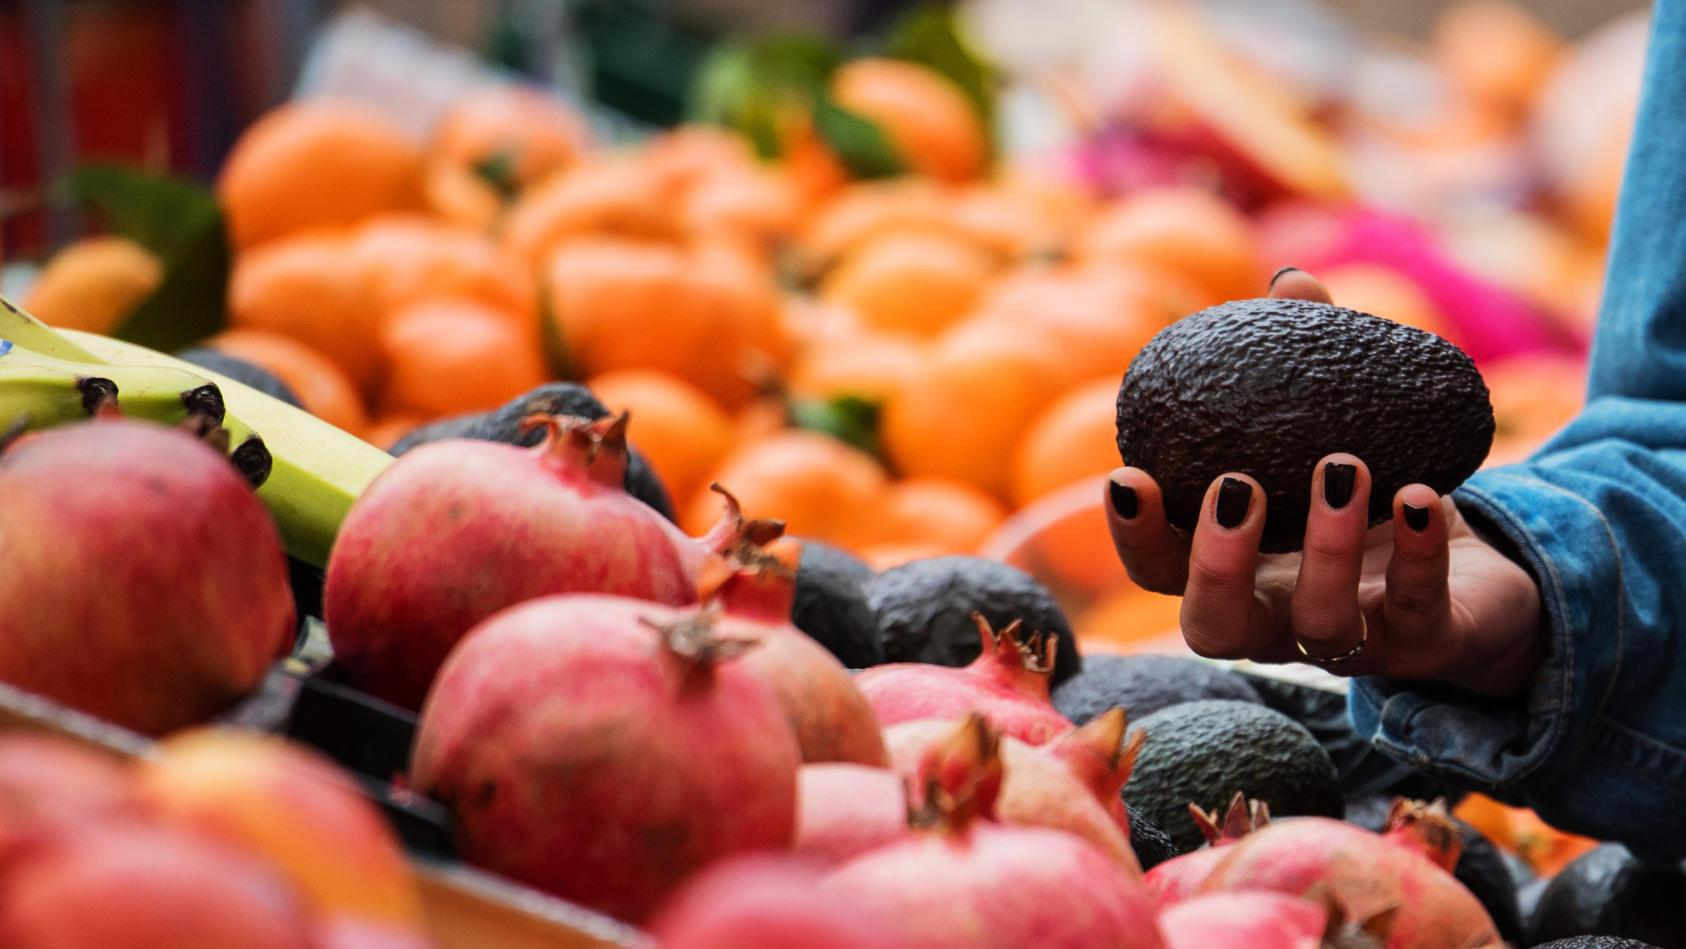 Wegen der Corona-Regeln könnte das Obst und Gemüse in Deutschland bald knapp werden.